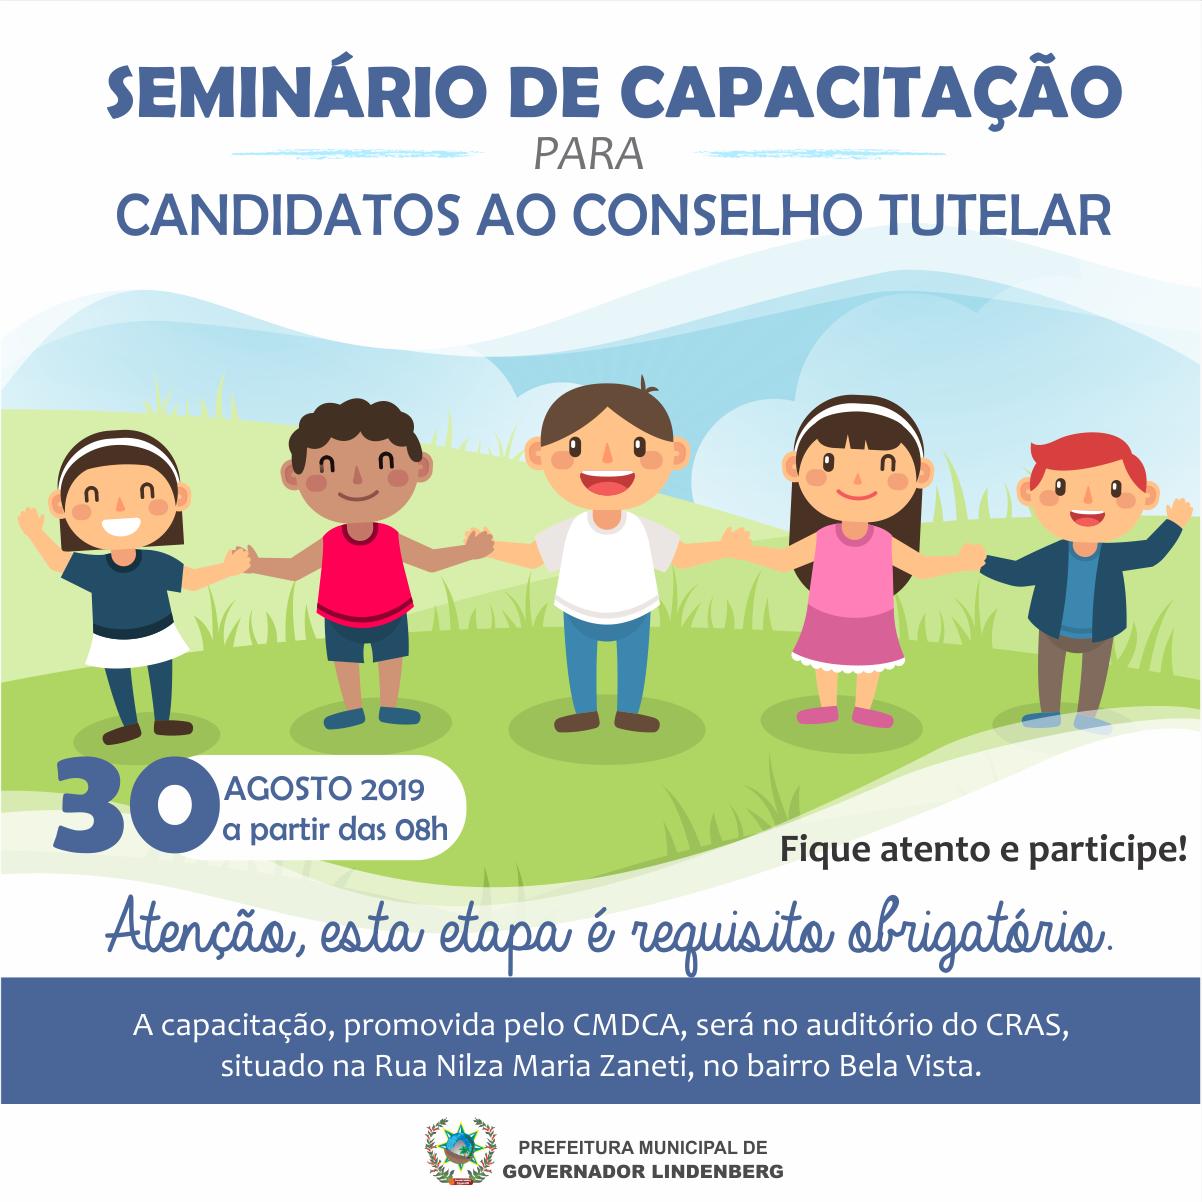 Seminário de Capacitação para Candidatos ao Conselho Tutelar.